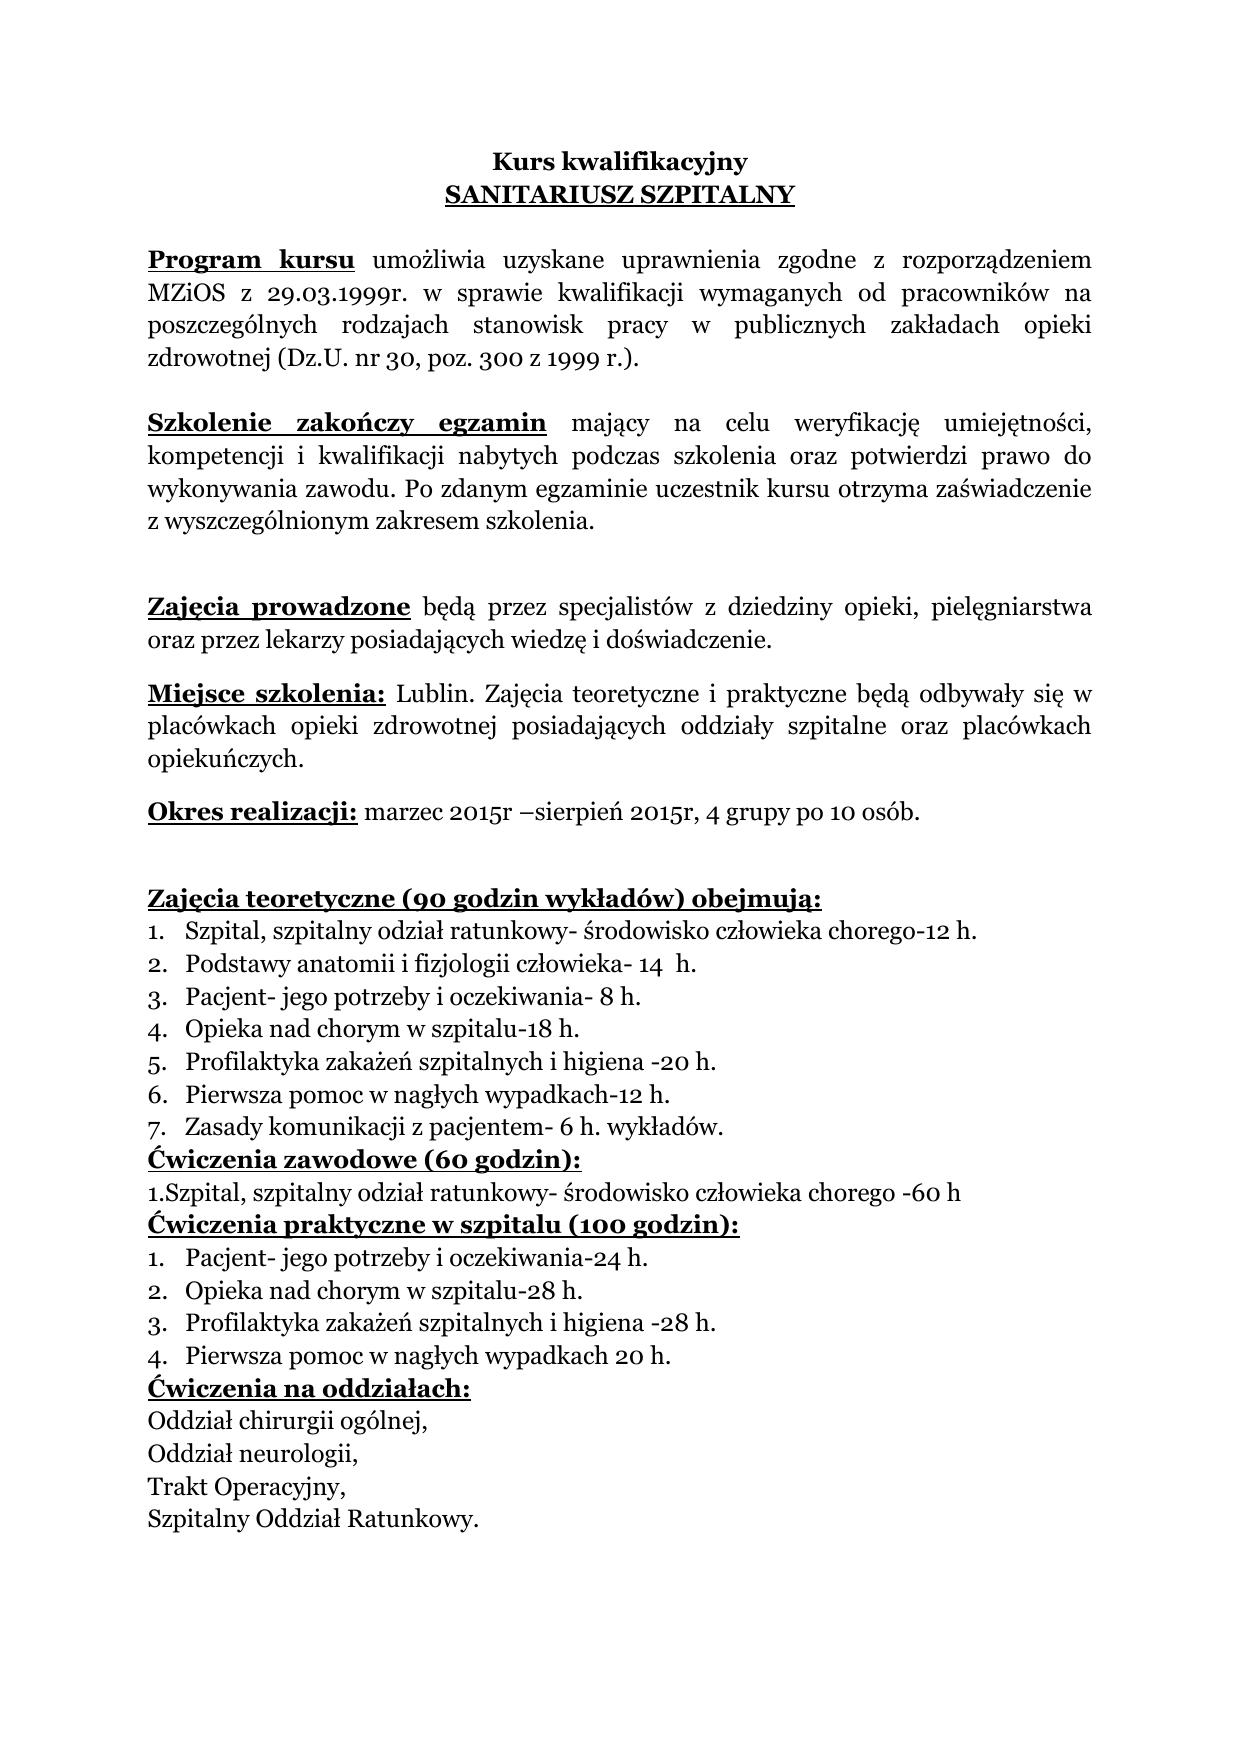 Sanitariusz Szpitalny